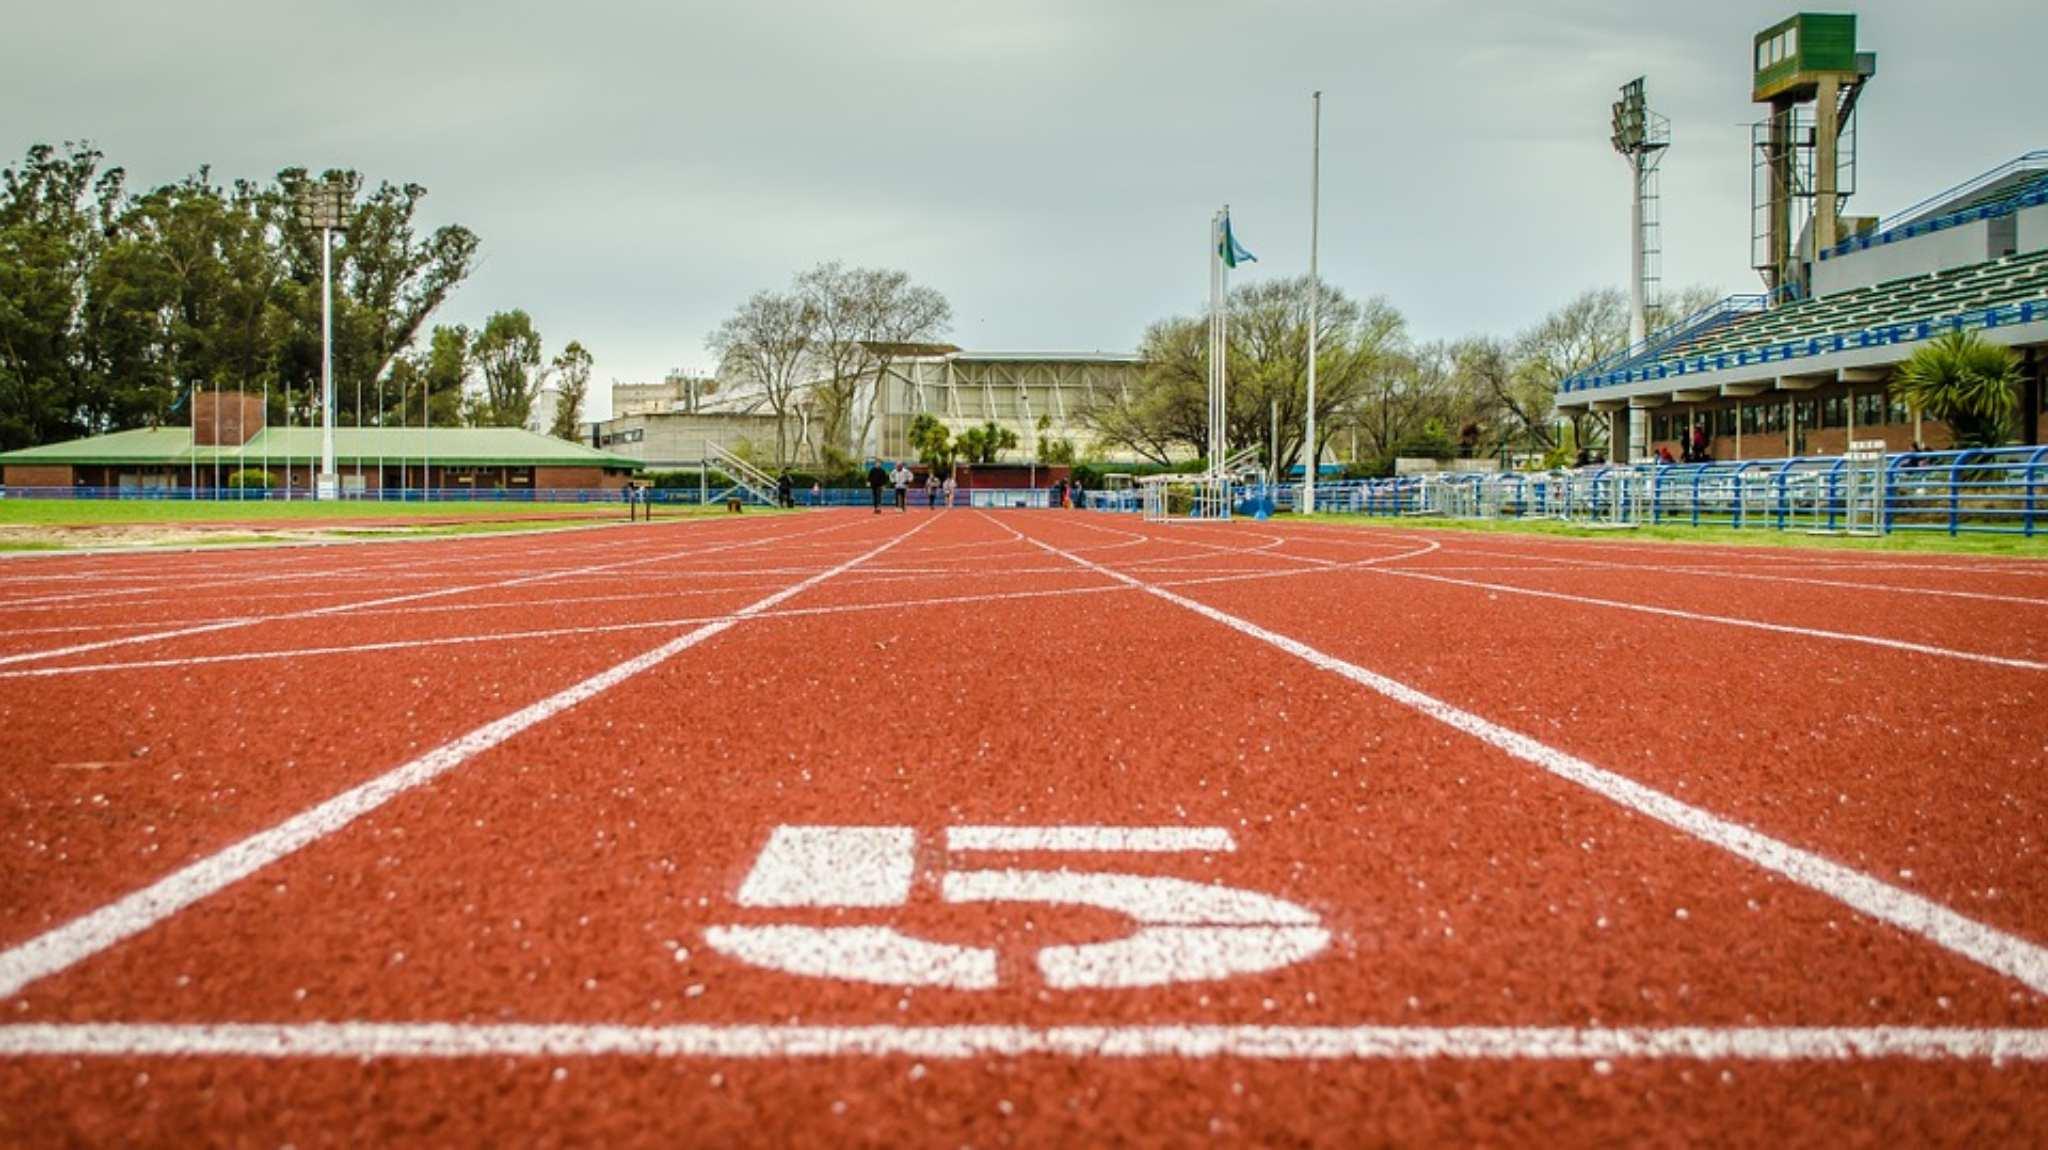 le specialità della corsa nell'atletica leggera